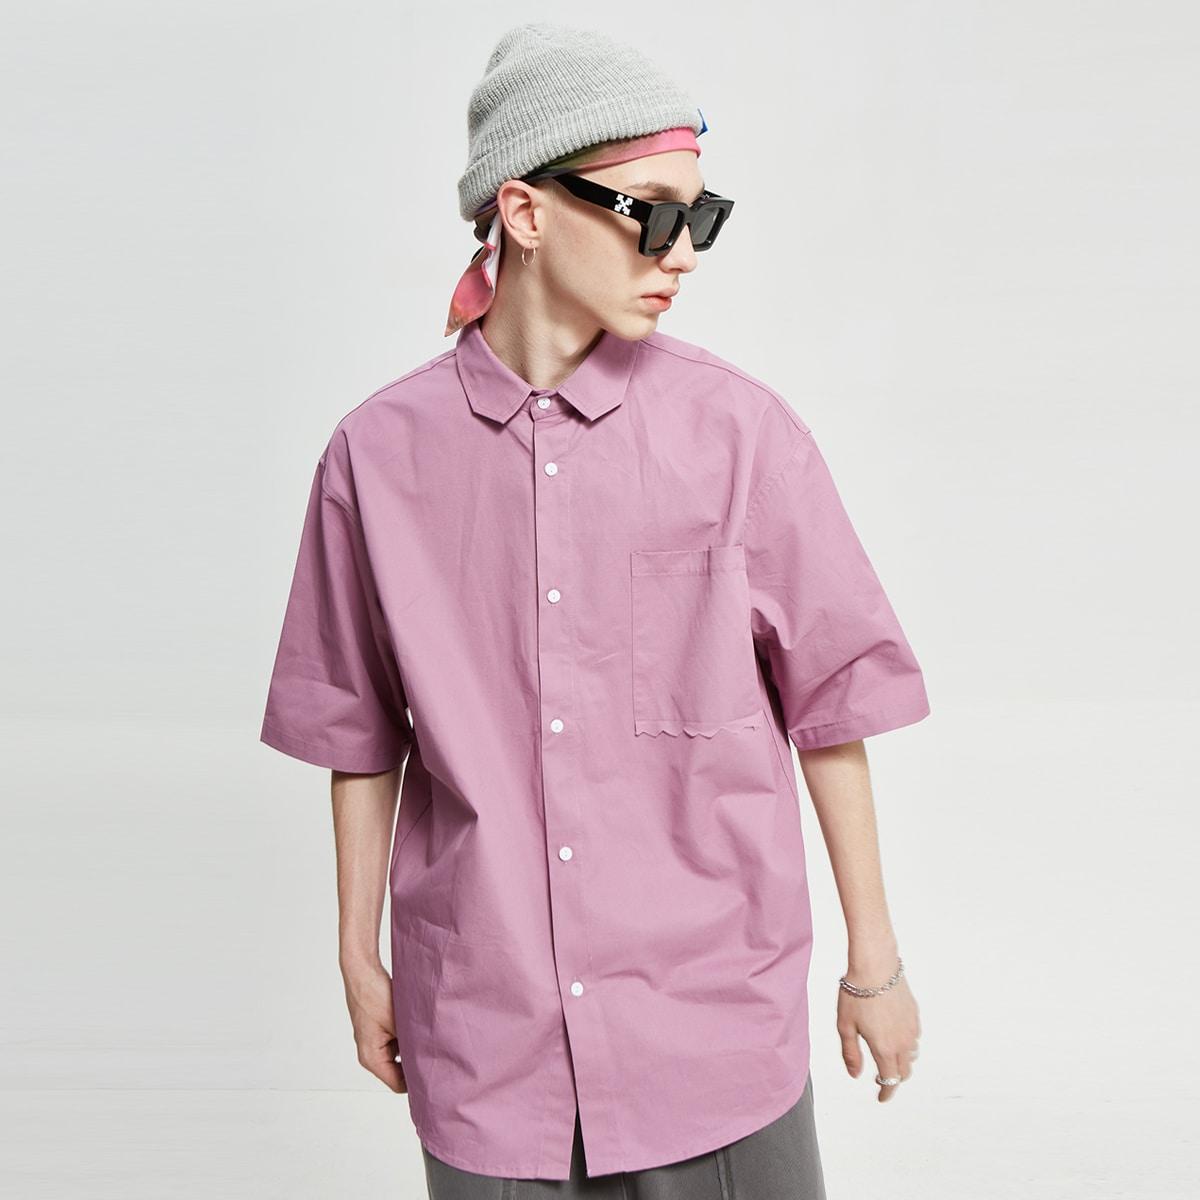 Мужская рубашка с карманом по цене 1 850